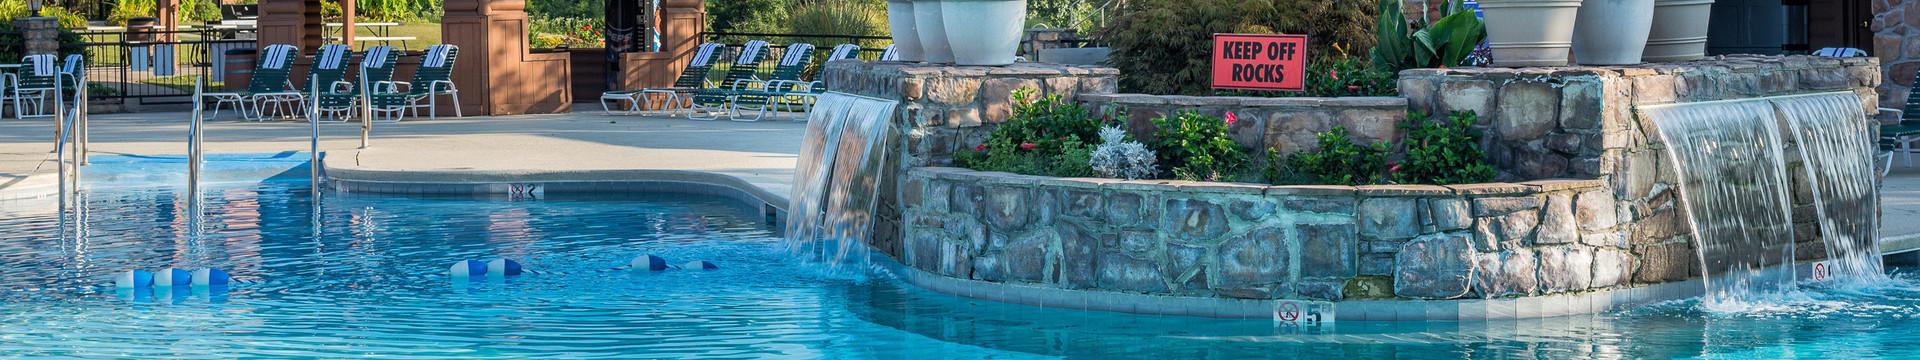 Branson MO Deals and Branson Hotel Specials | Westgate Branson Woods Resort